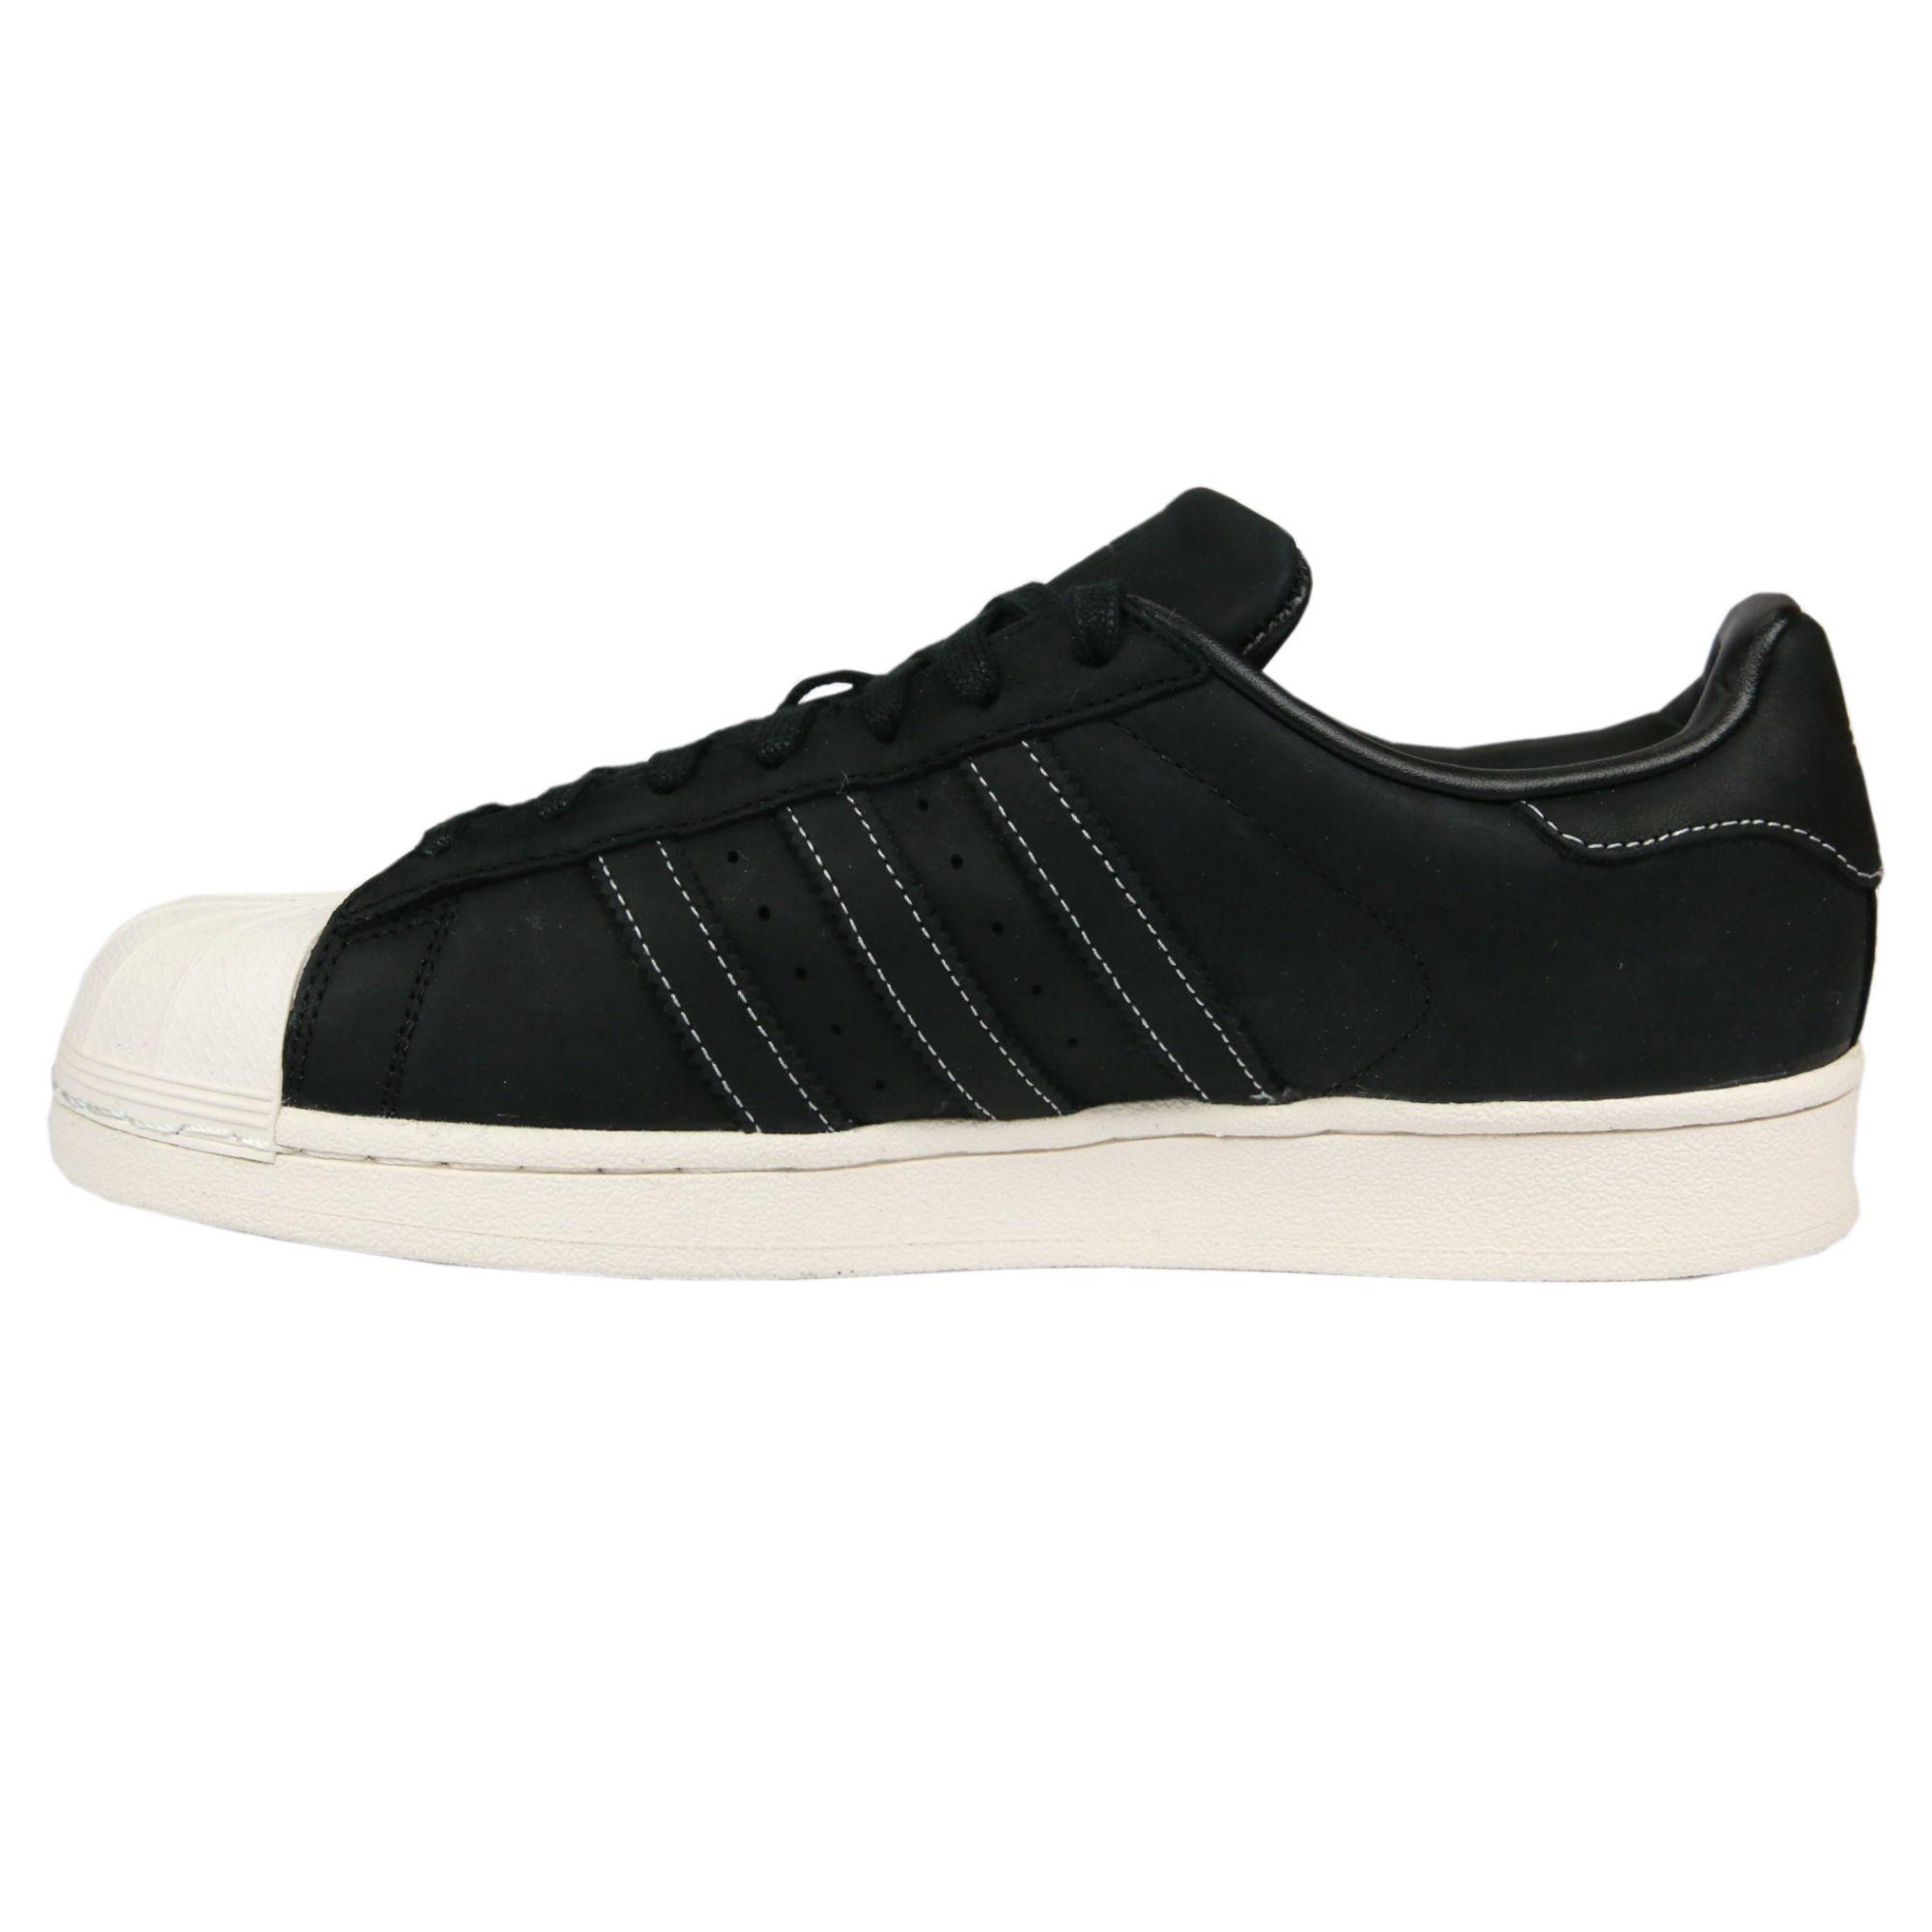 S79470 Superstar Adidas Sneaker Originals Rt Turnschuhe Schuhe dBQrxoWCe